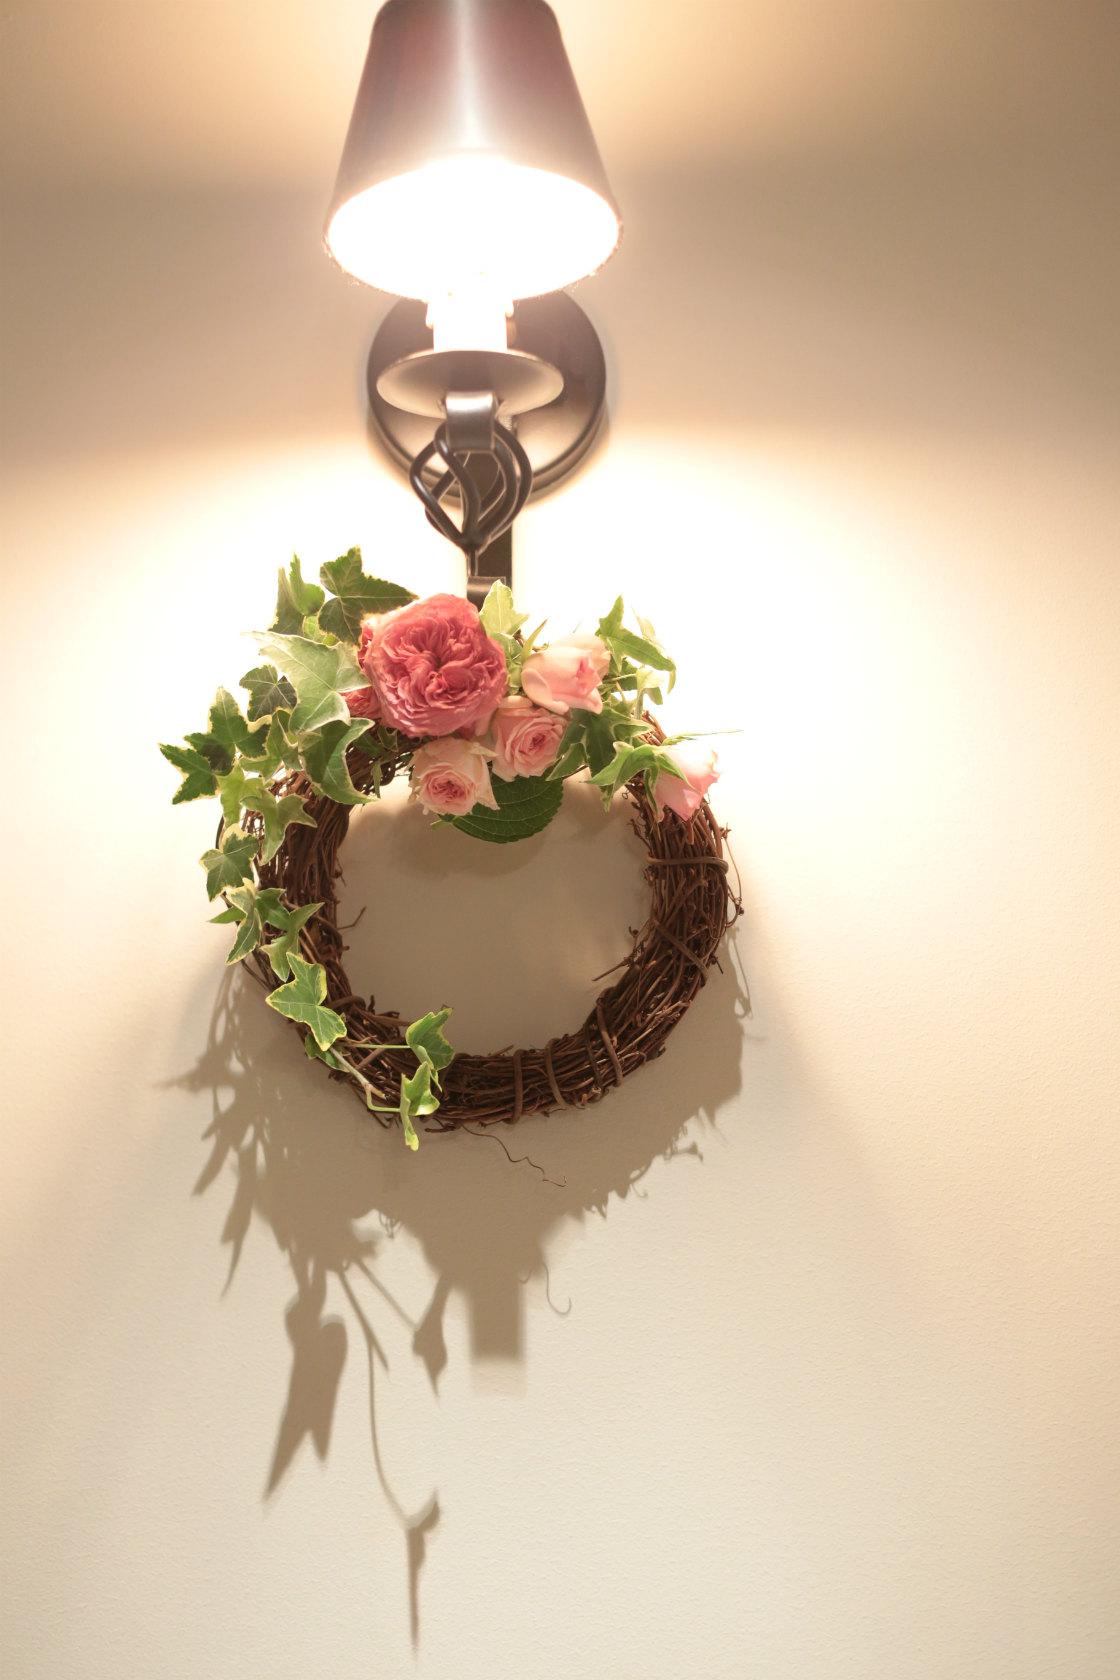 新郎新婦様からのメール 6月の花嫁 2_a0042928_12595745.jpg